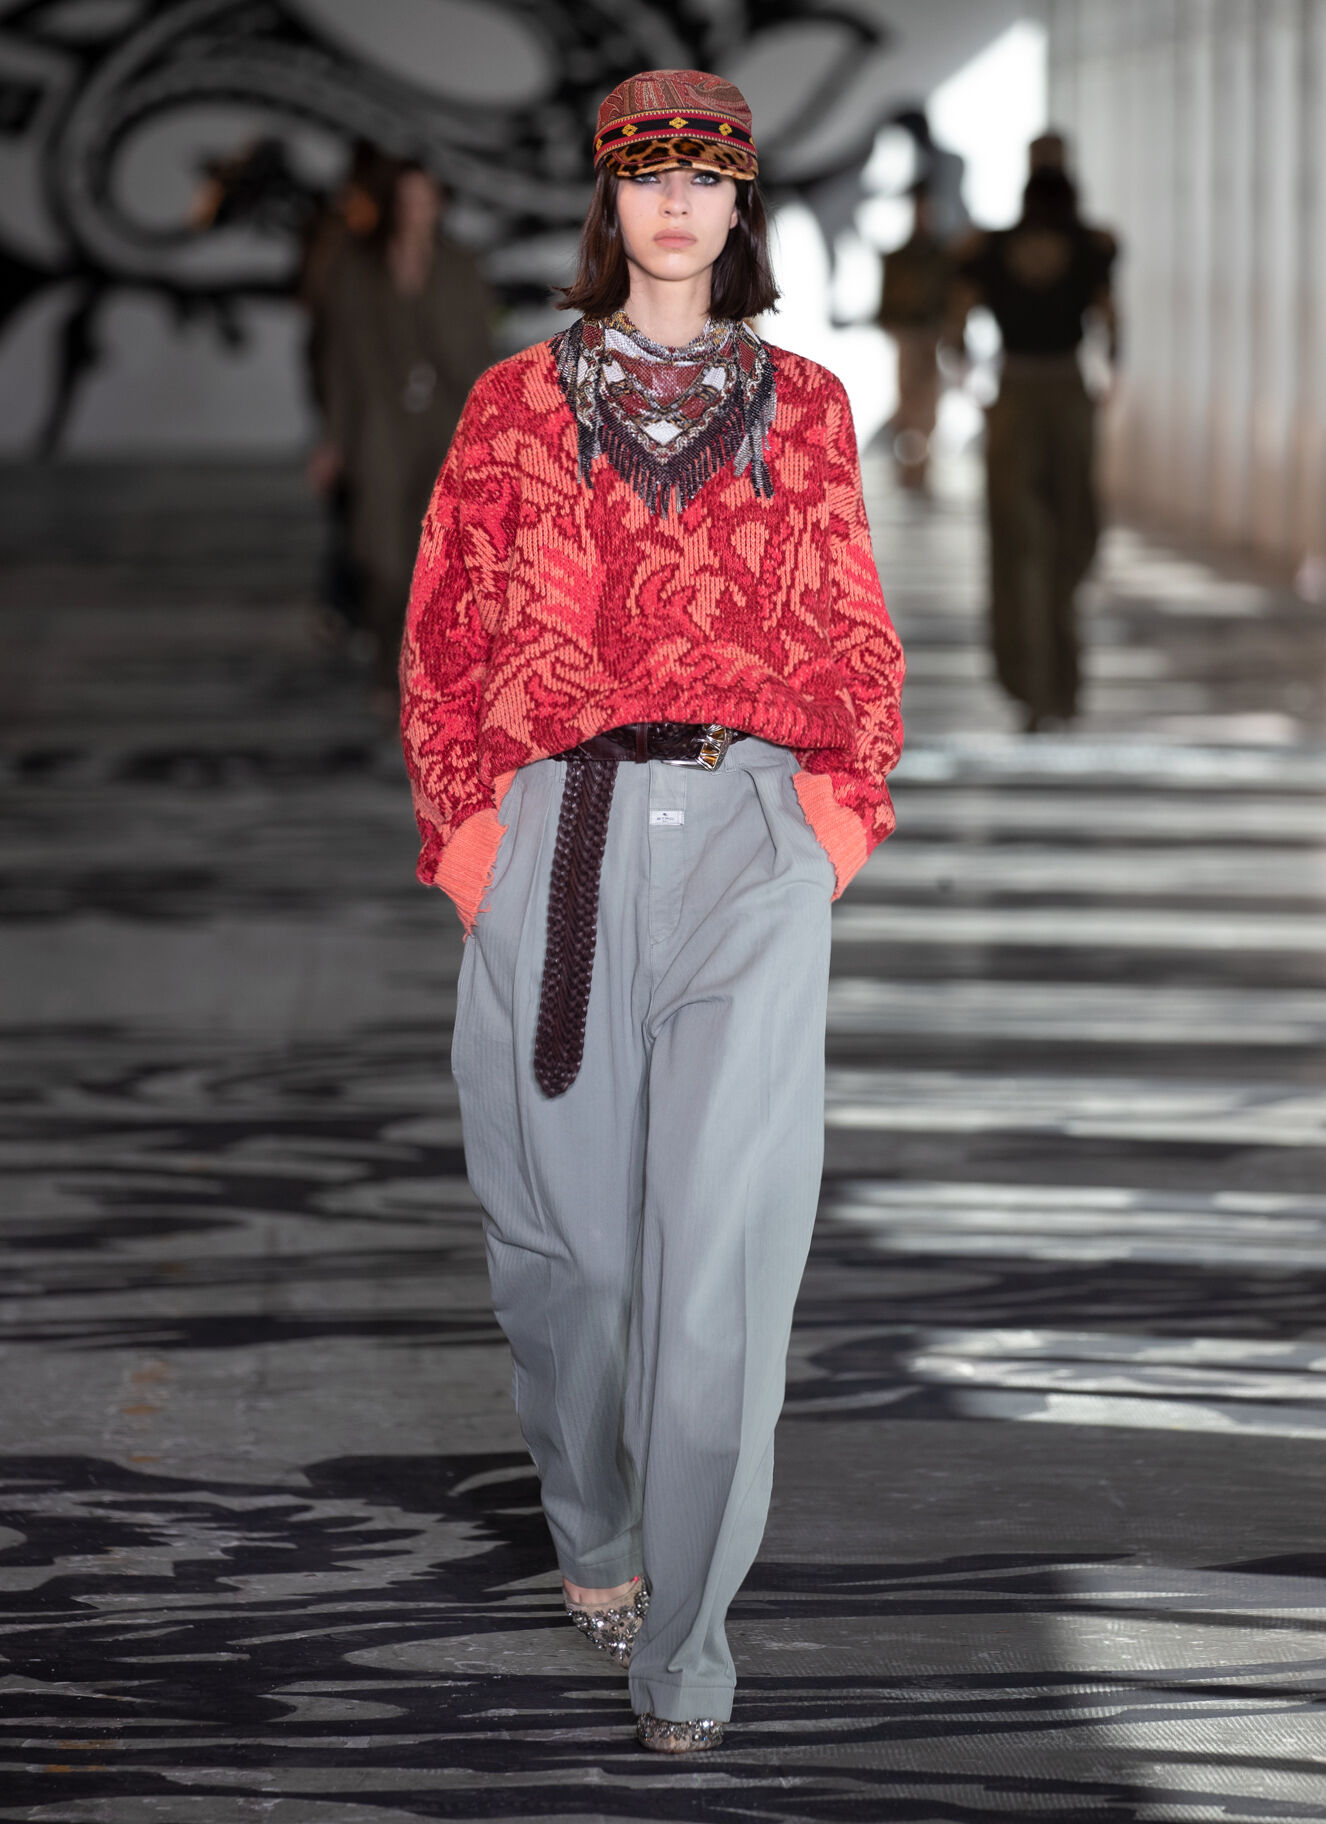 moda inverno 2022